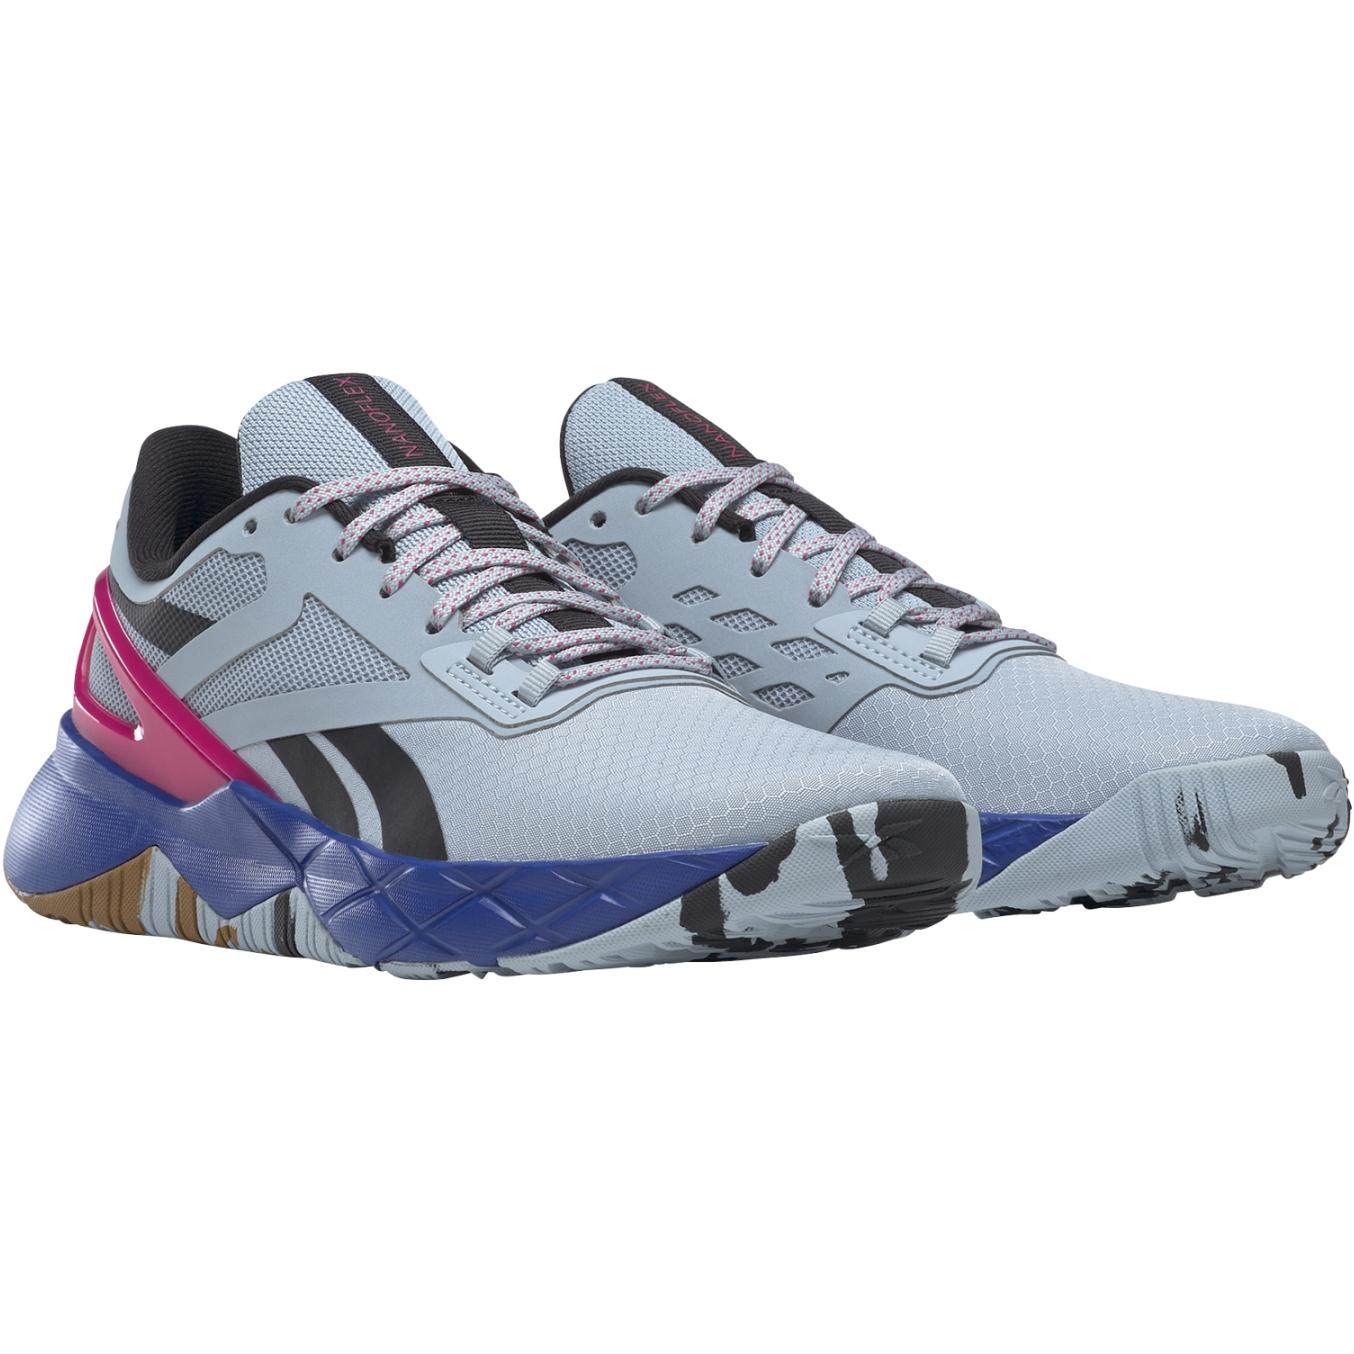 Reebok Nanoflex TR Damen Trainingsschuh - gable grey/core black/pursuit pink